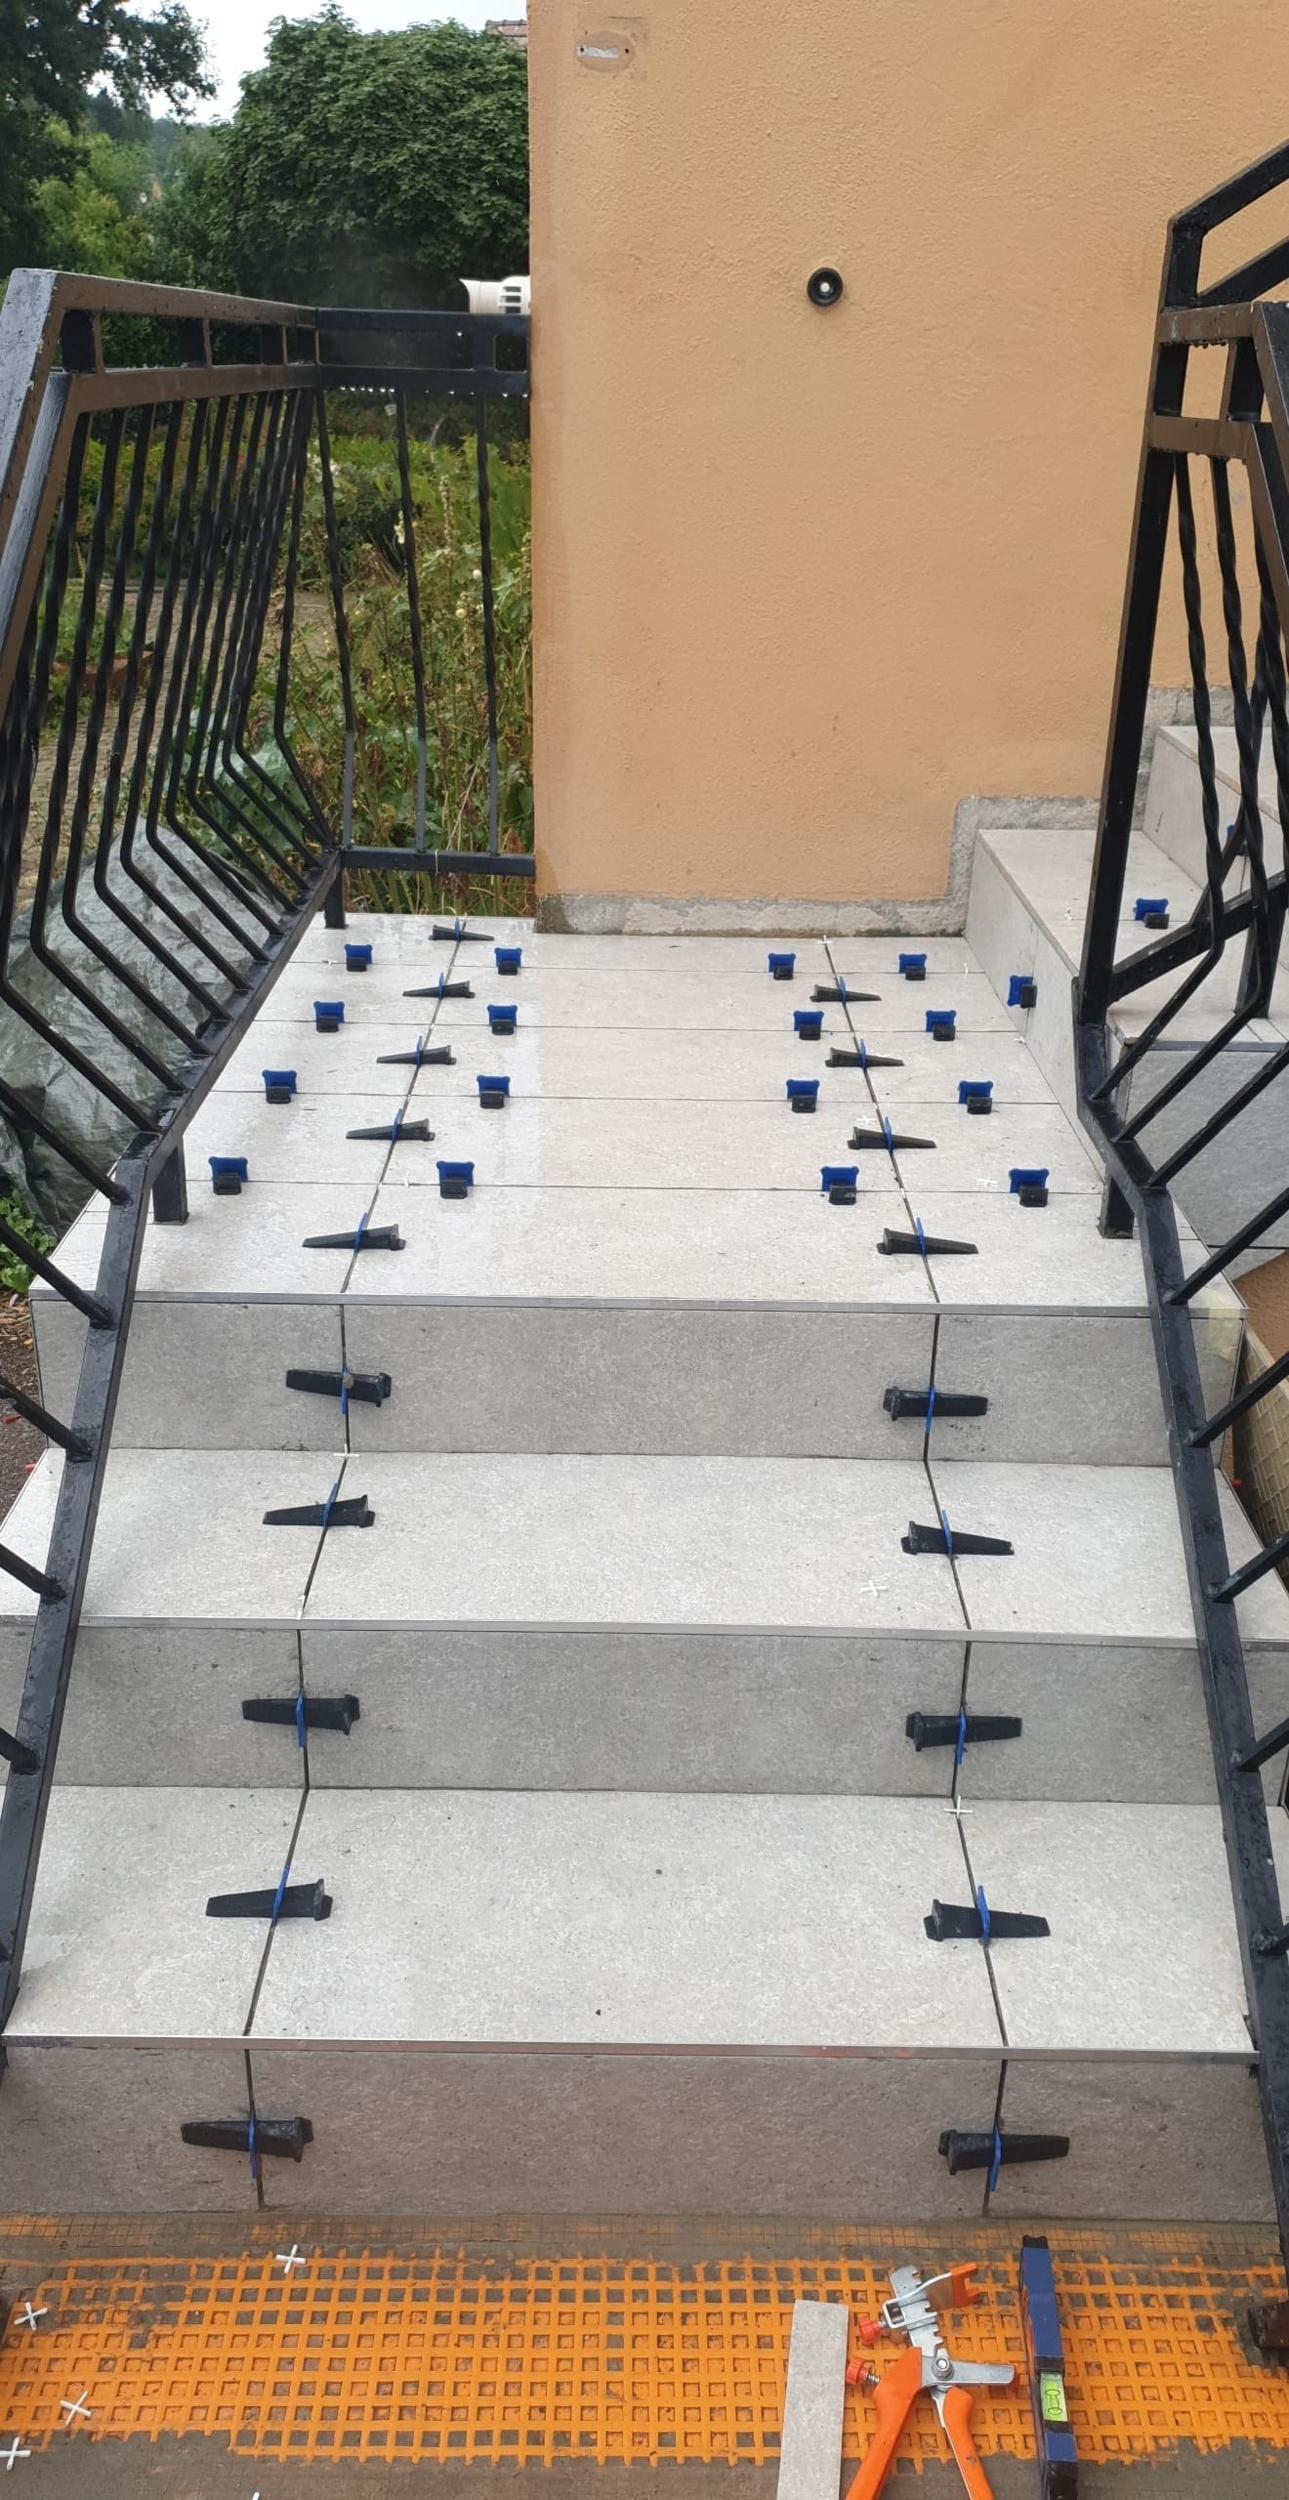 r/éutilisables pour carrelage Syst/ème de nivellement de construction Kits pour les sols les murs en C/éramique Niveleur De Carrelage Cozyel 100 pcs Tile Leveller avec cl/é sp/éciale